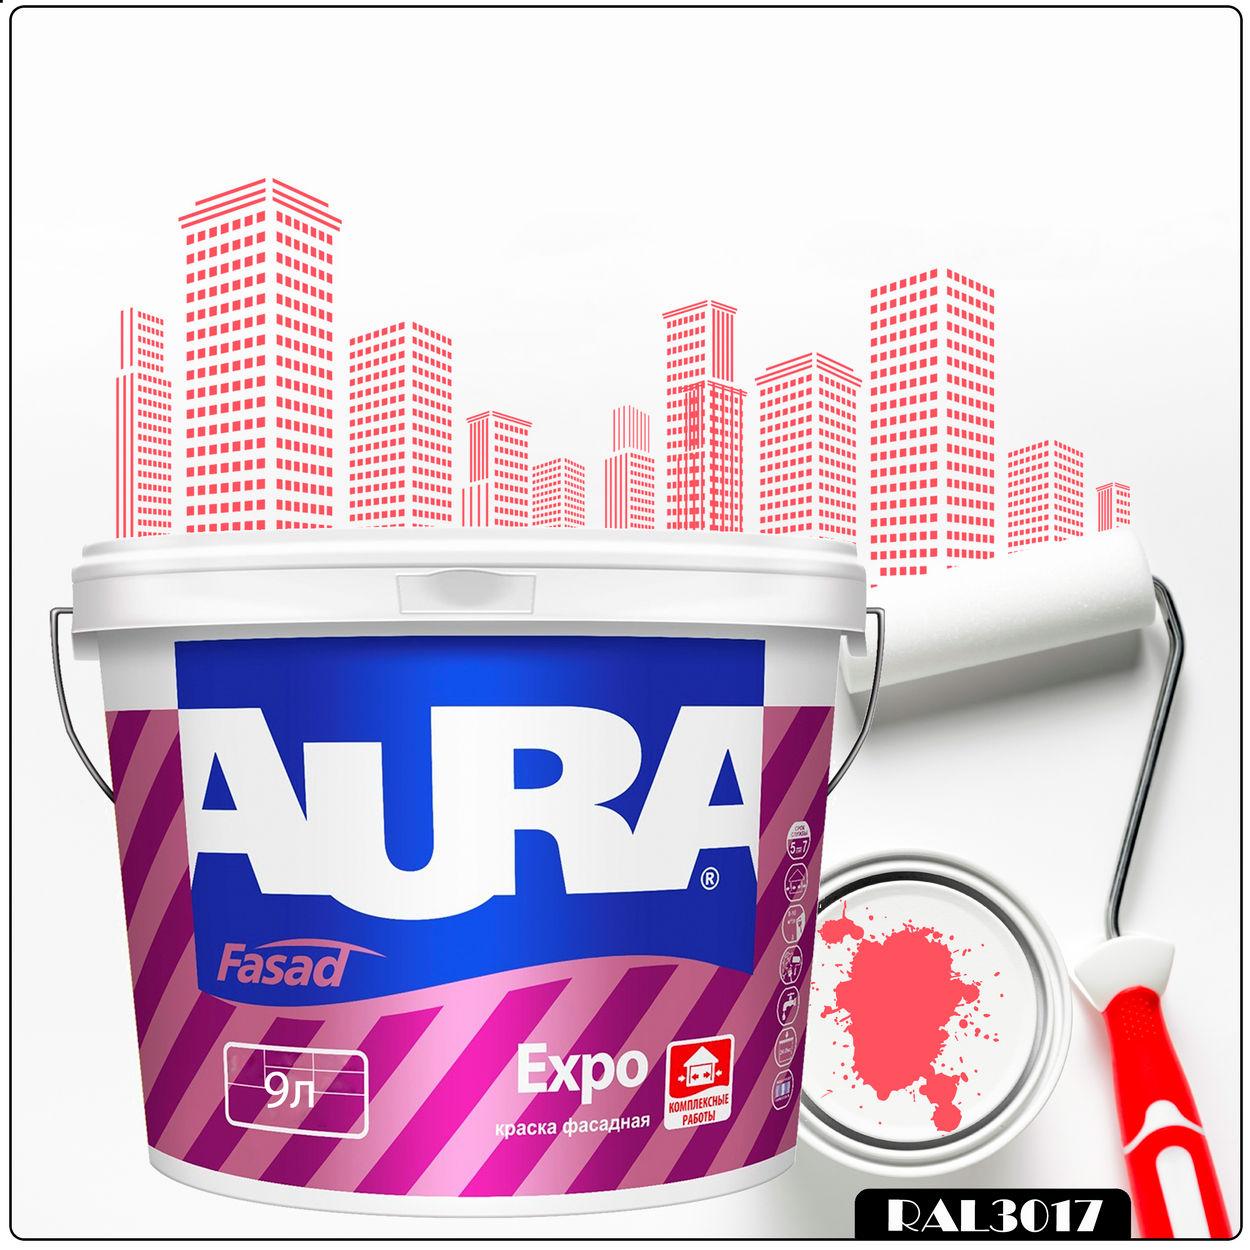 Фото 15 - Краска Aura Fasad Expo, RAL 3017 Розовый, матовая, для фасадов и помещений с повышенной влажностью, 9л.